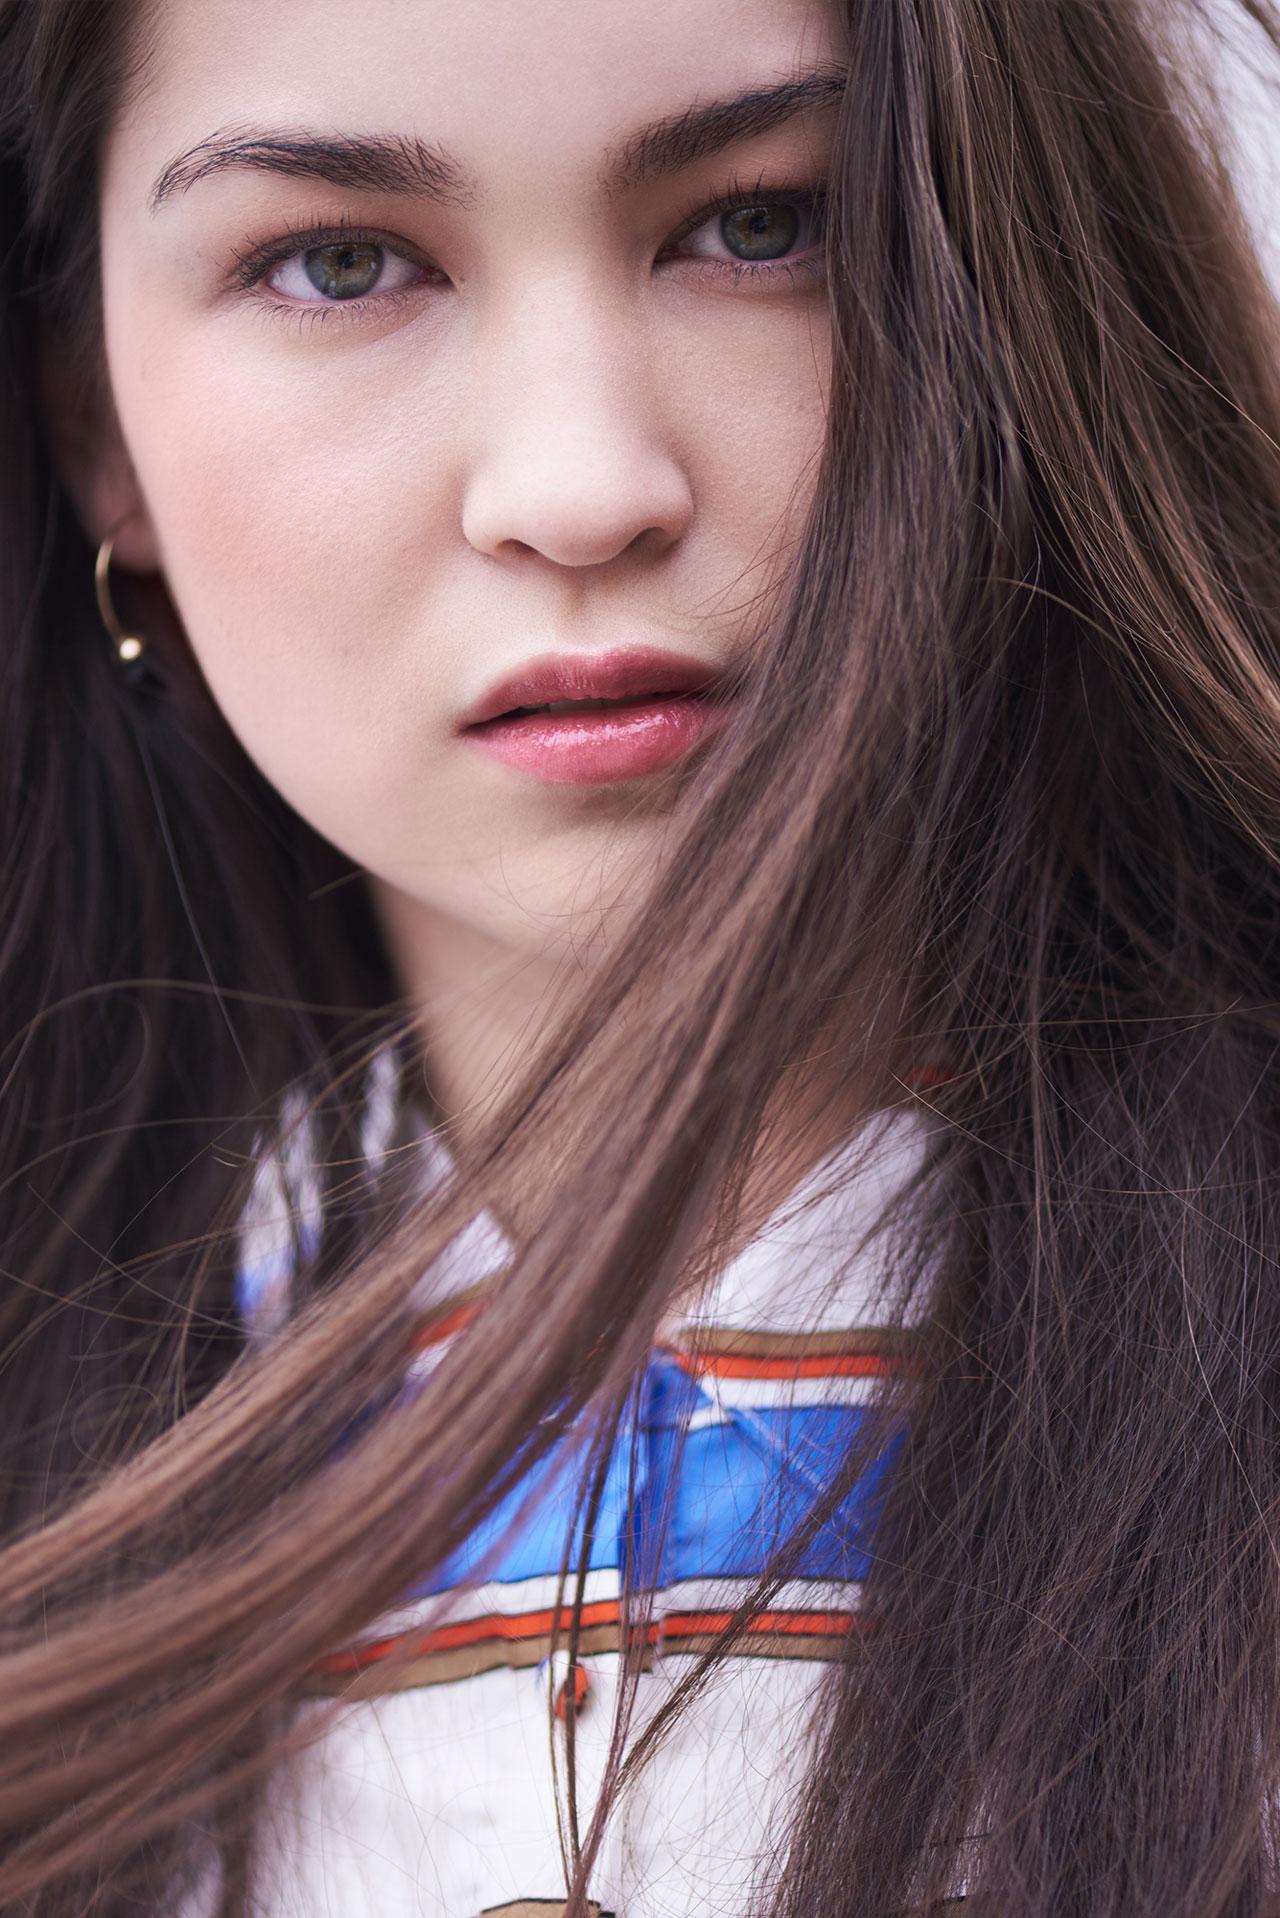 160930_Jessica1838